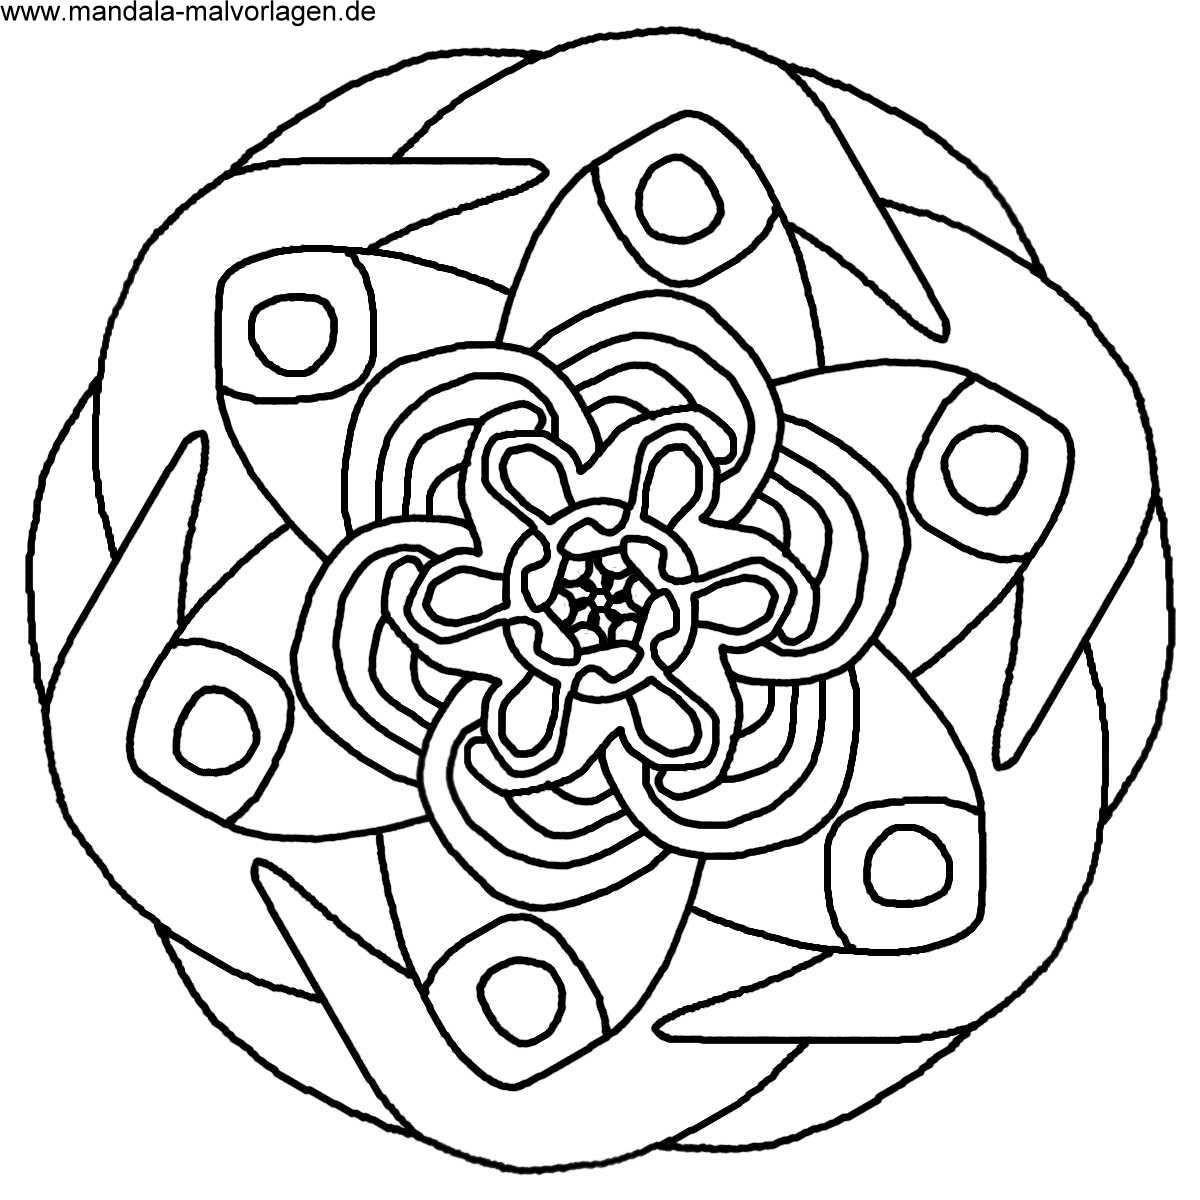 20 Der Besten Ideen Für Ausmalbilder Mandala Kinder Beste